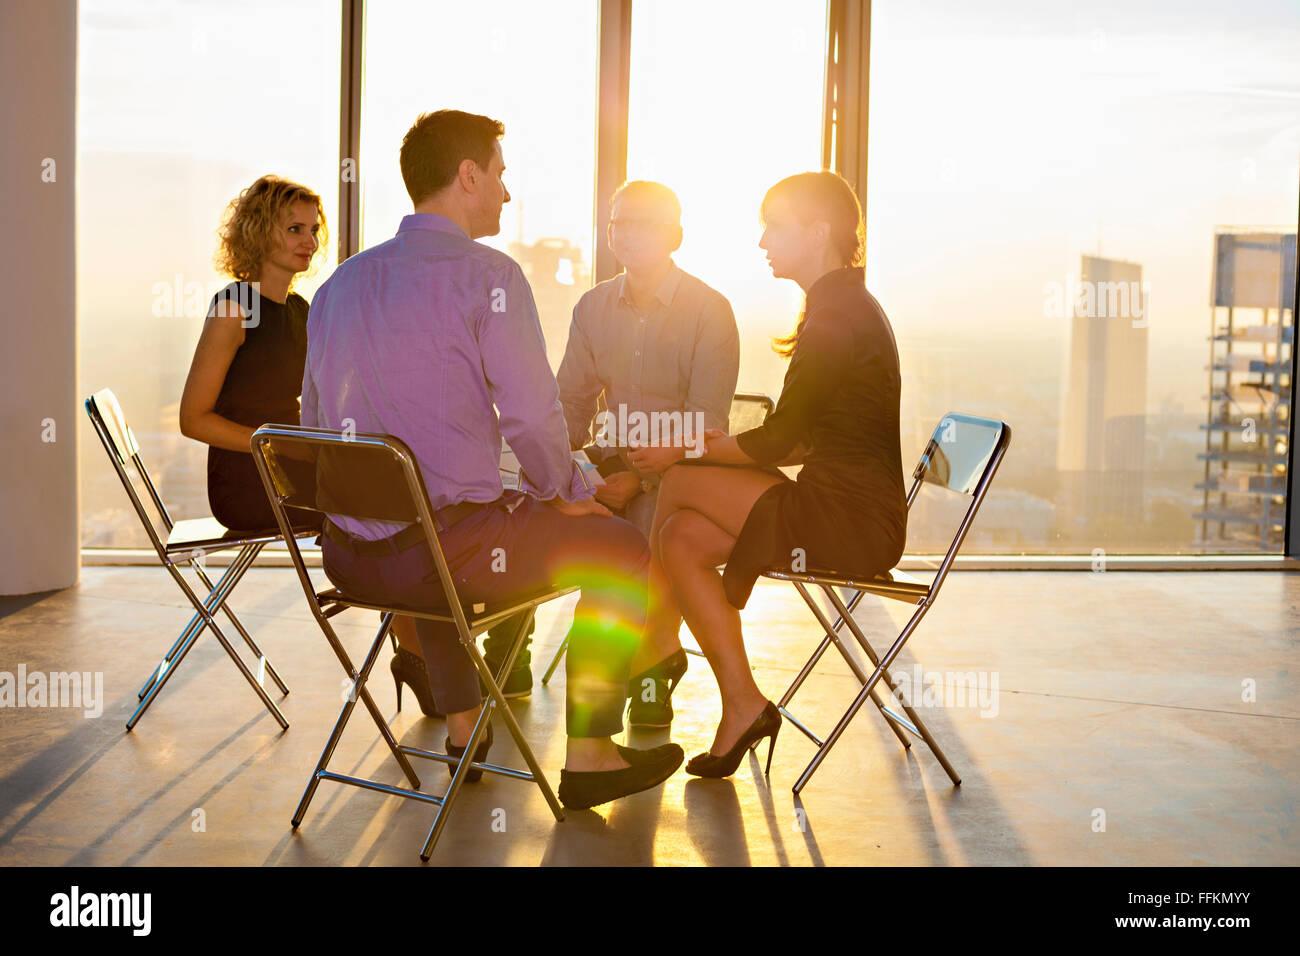 Architekten und Geschäftsleute in Business-meeting Stockbild